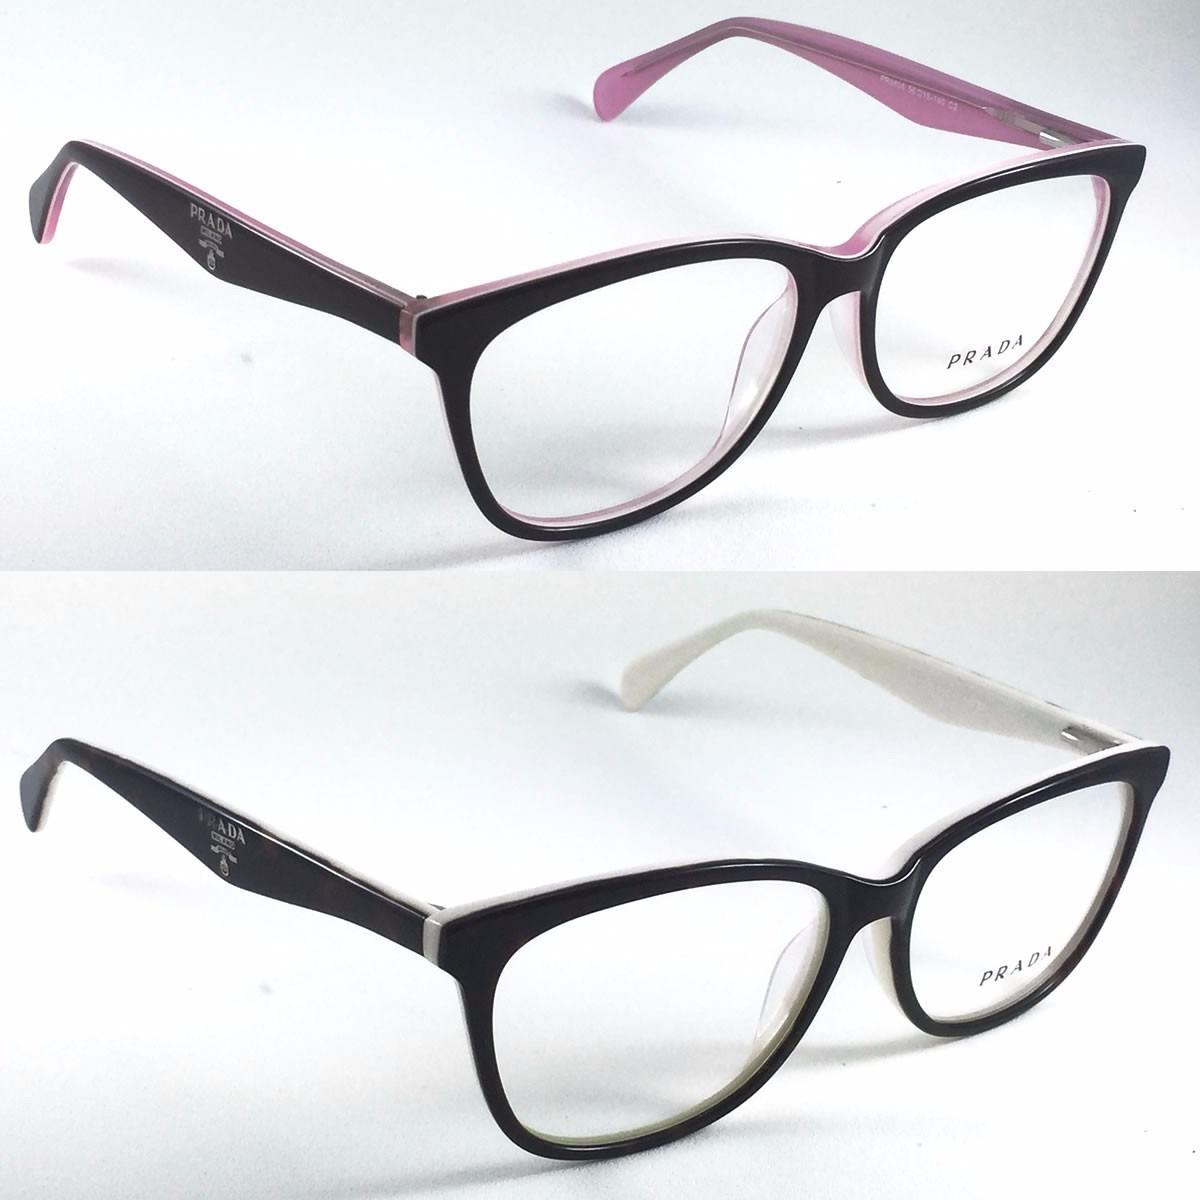 armação prada óculos grau feminino acetato - pronta entrega. Carregando  zoom. b0761bad58